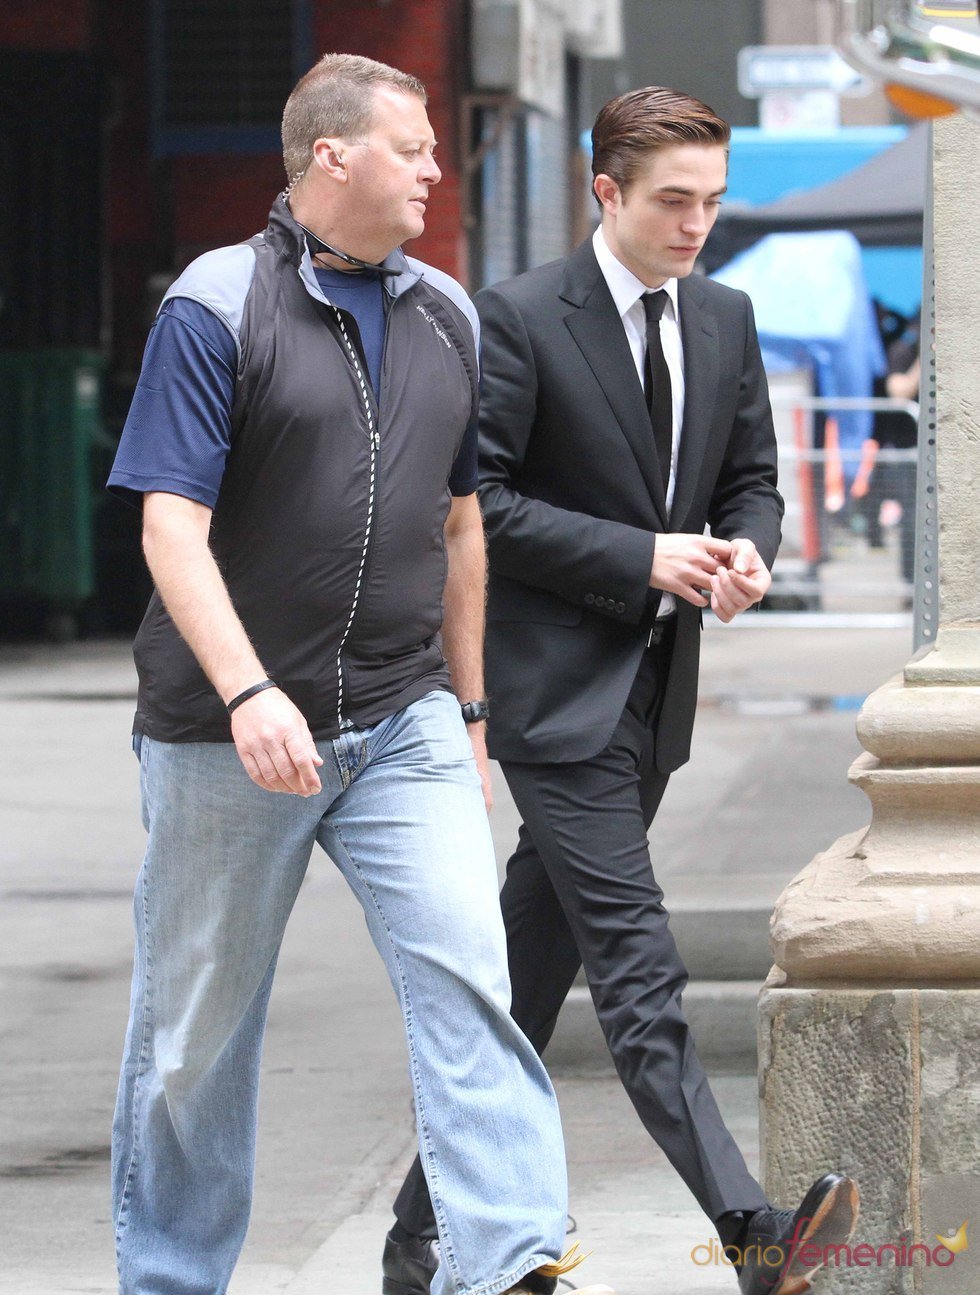 Robert Pattinson recibe instrucciones durante el rodaje de 'Cosmóplis'